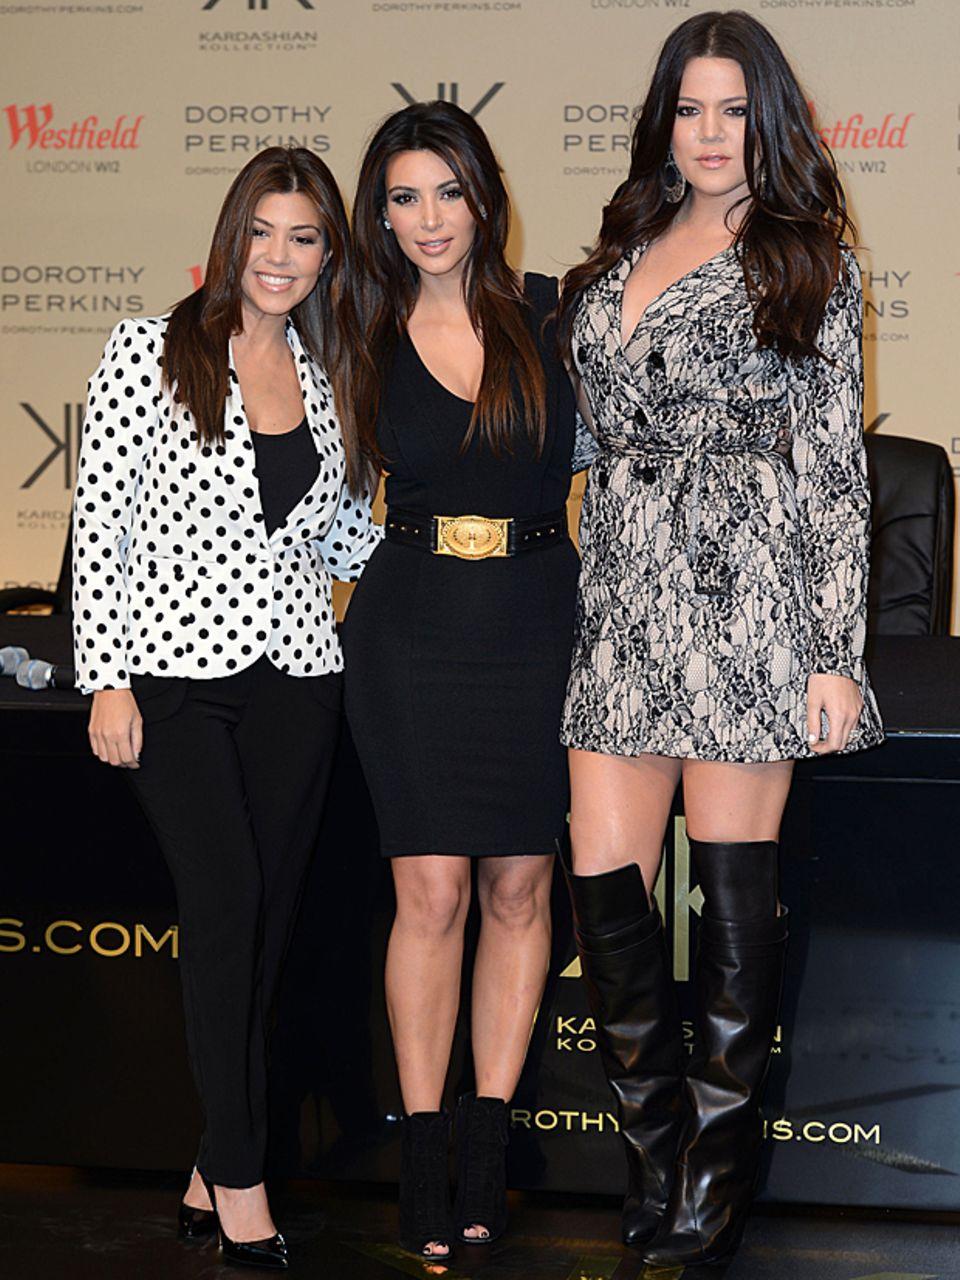 Zum Vergleich: Noch im vergangenen Jahr war Khloe zweifellos die fülligste Kardashian-Schwester.